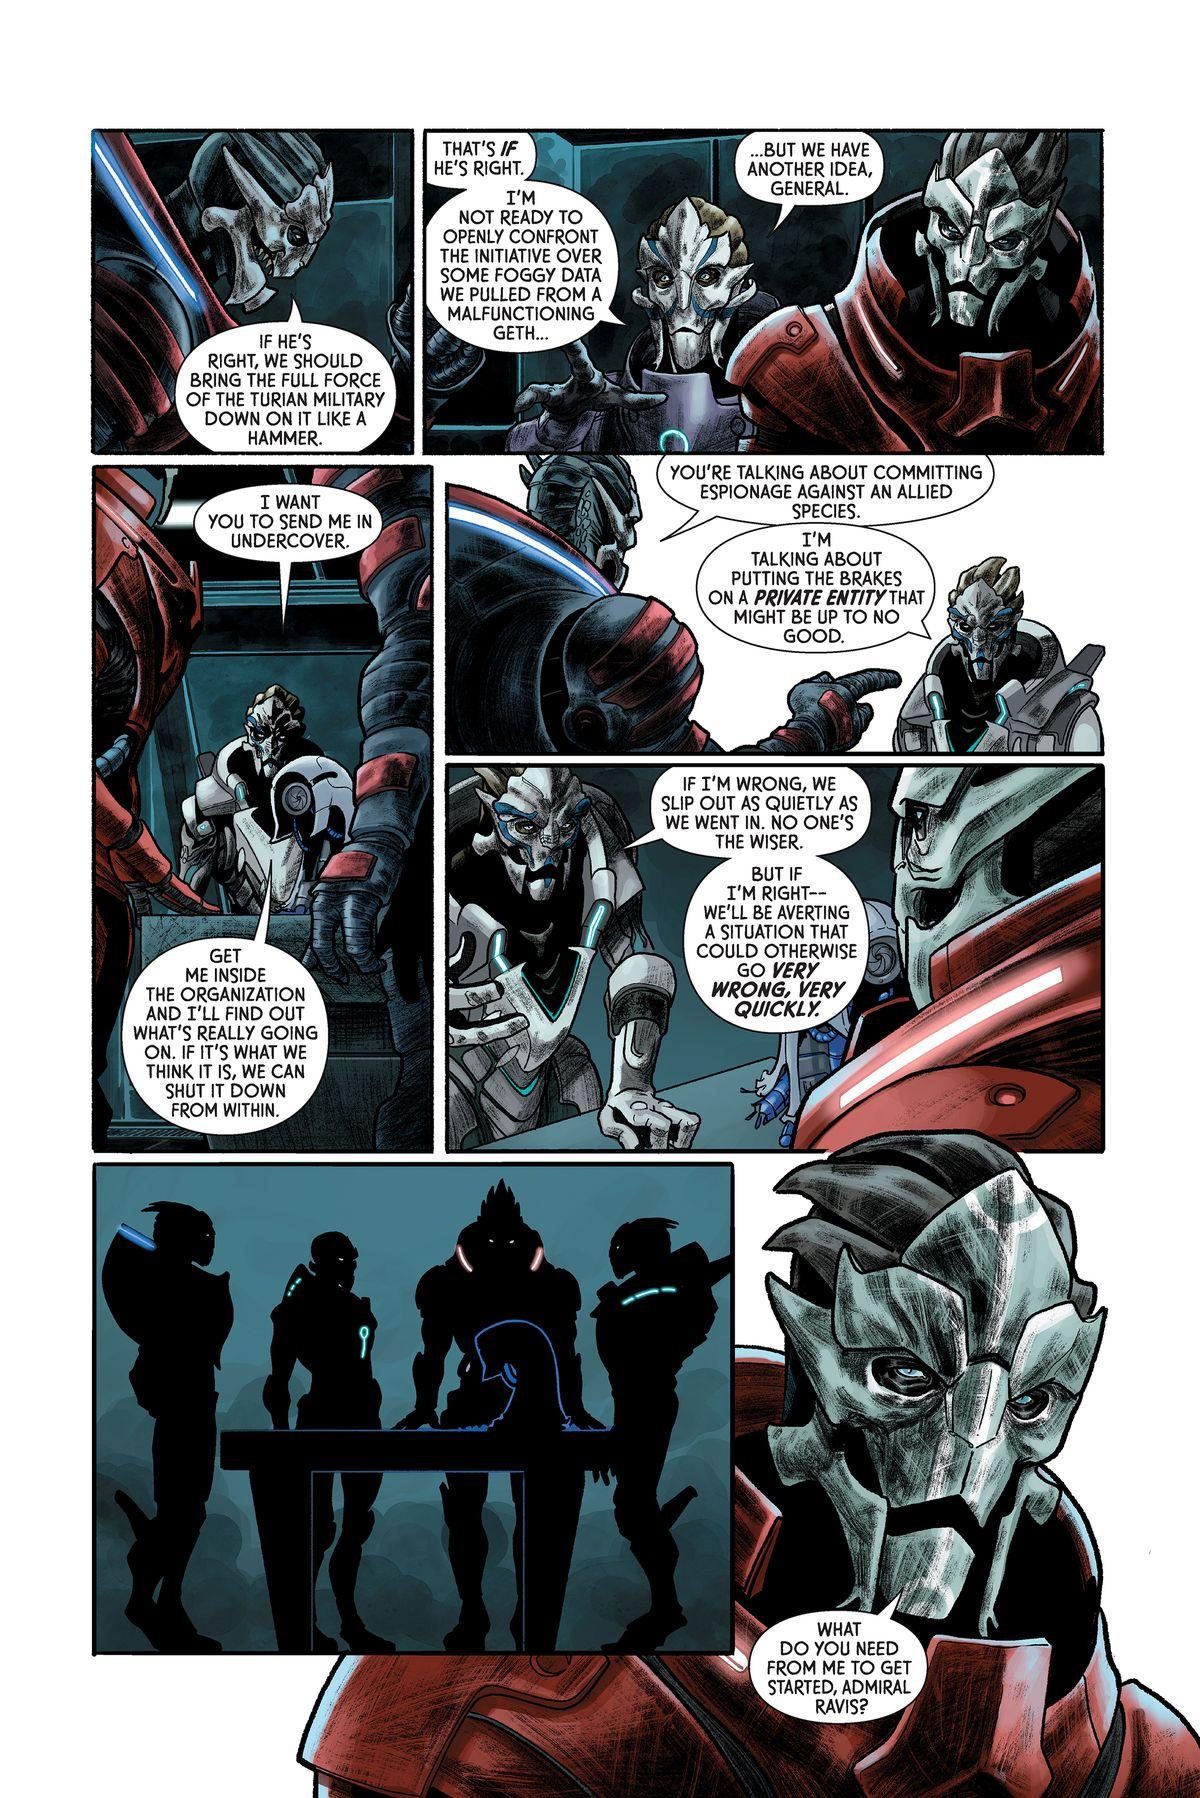 Mass Effect: Discovery, Dark Horse Comics 2017.